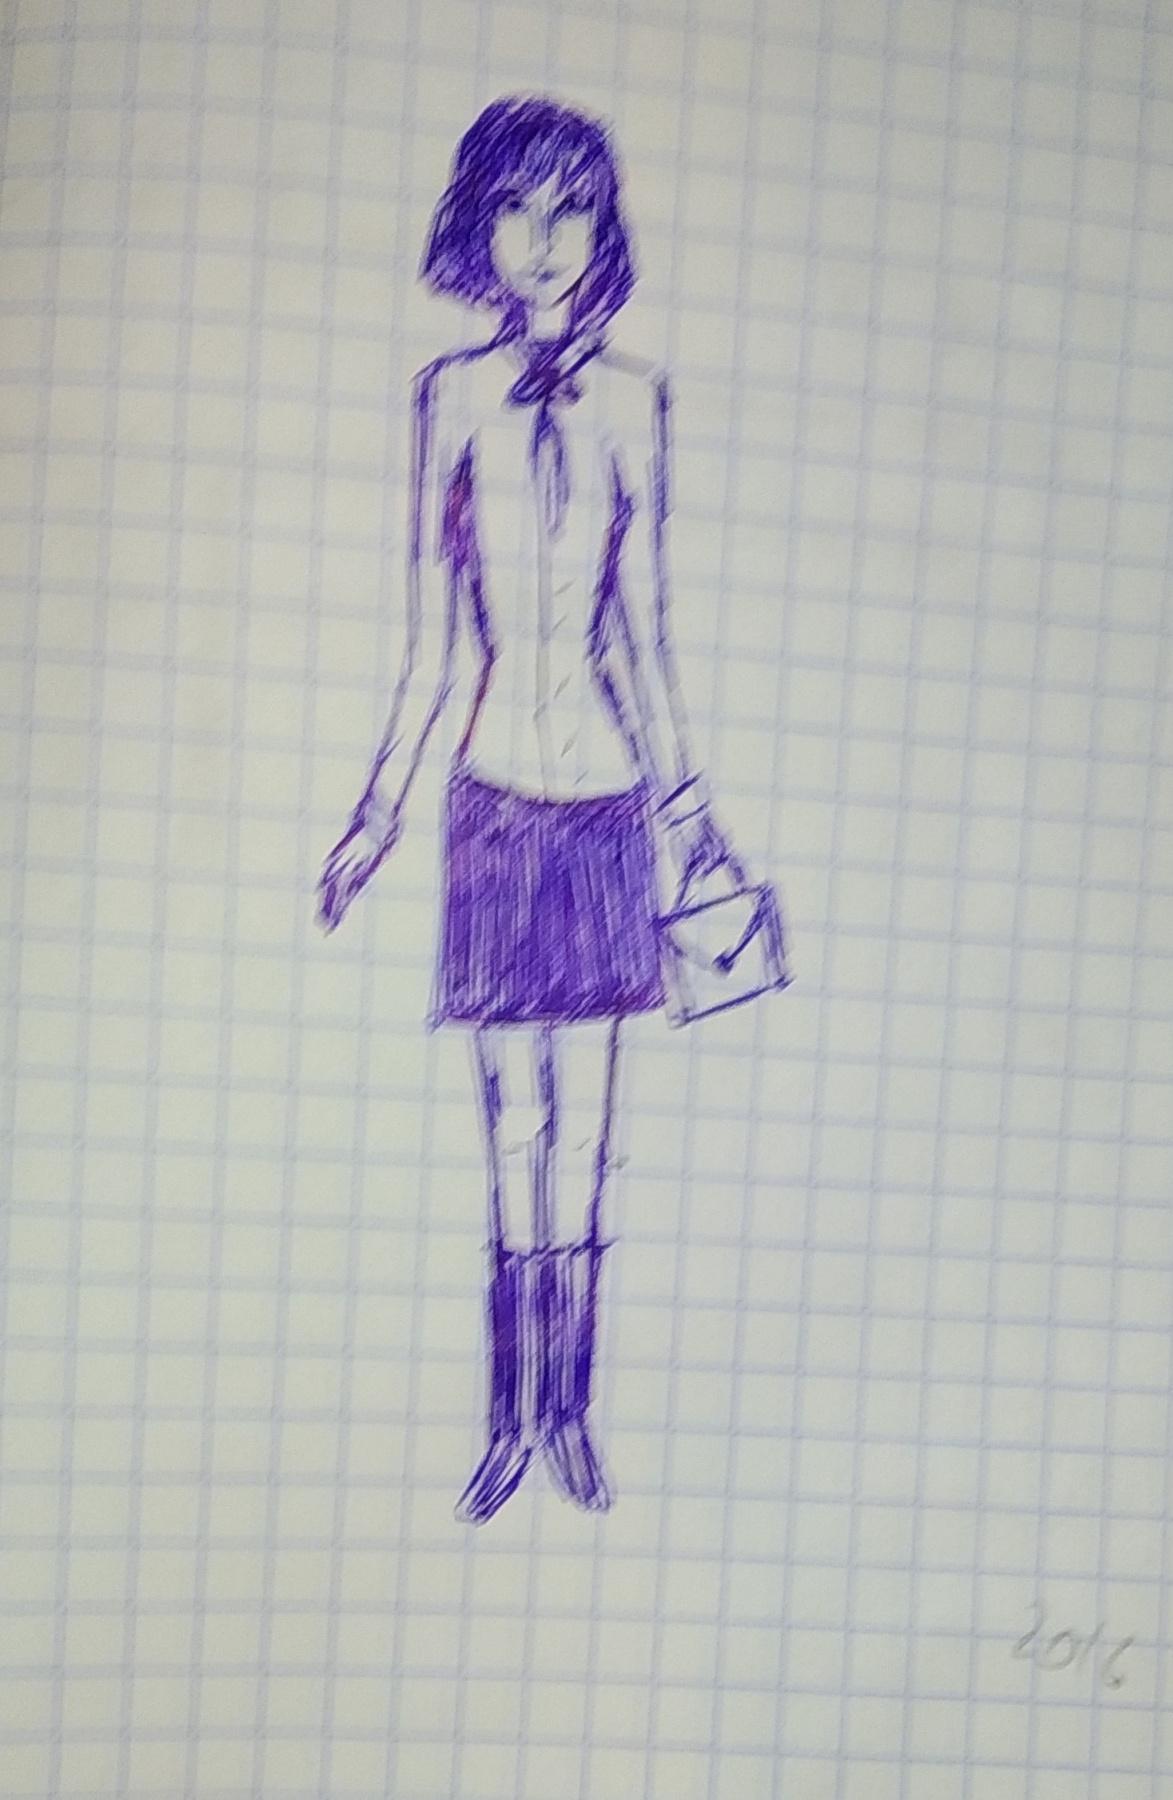 Zina Vladimirovna Parisva. Short-haired girl